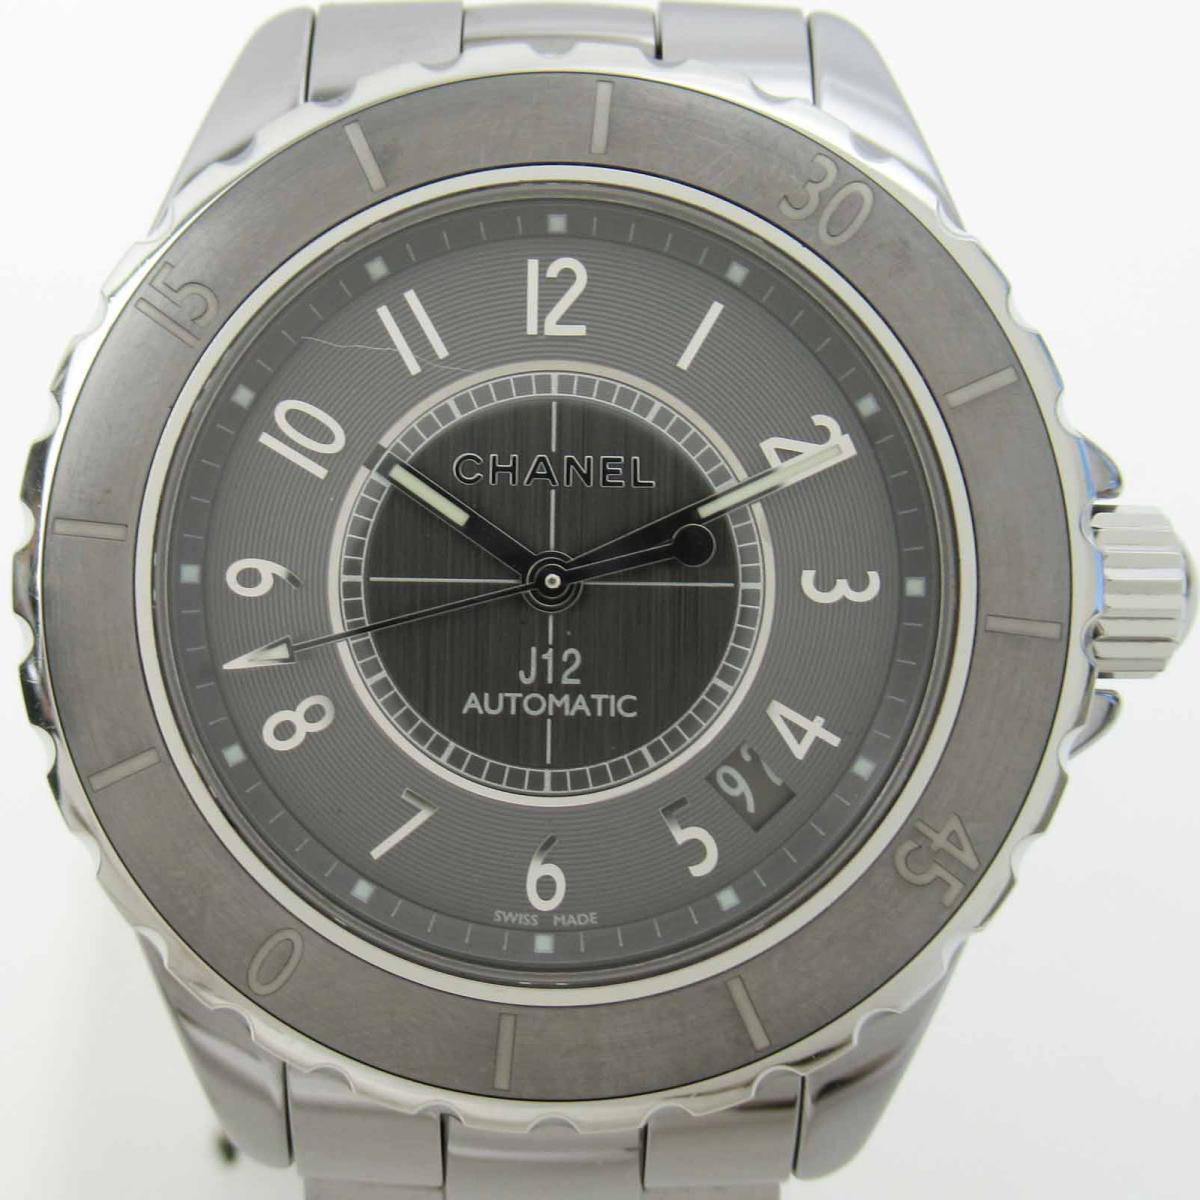 ≪期間限定≫メルマガ登録でクーポンGET! 【中古】 シャネル J12 クロマティック ウォッチ 腕時計 メンズ セラミック チタン (H2979) | CHANEL BRANDOFF ブランドオフ ブランド ブランド時計 ブランド腕時計 時計